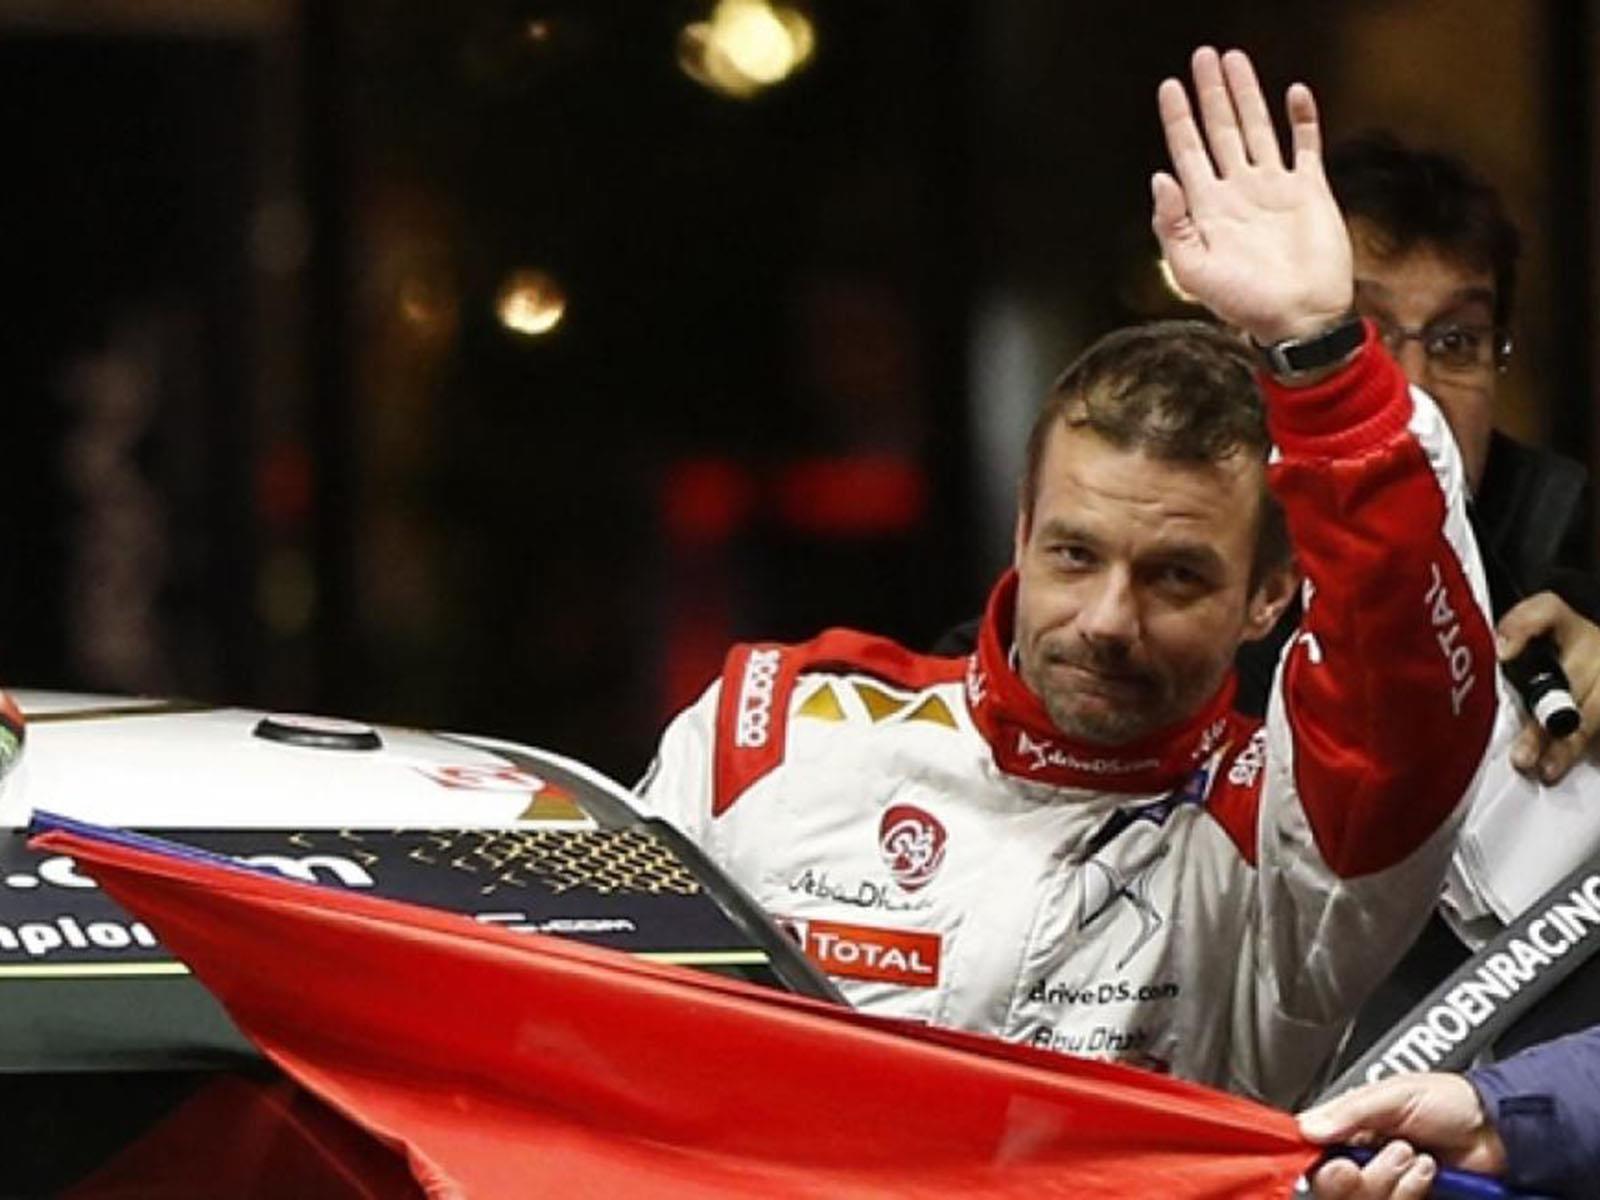 Sébastien Loeb regresa a Citroën... aunque sea por un día